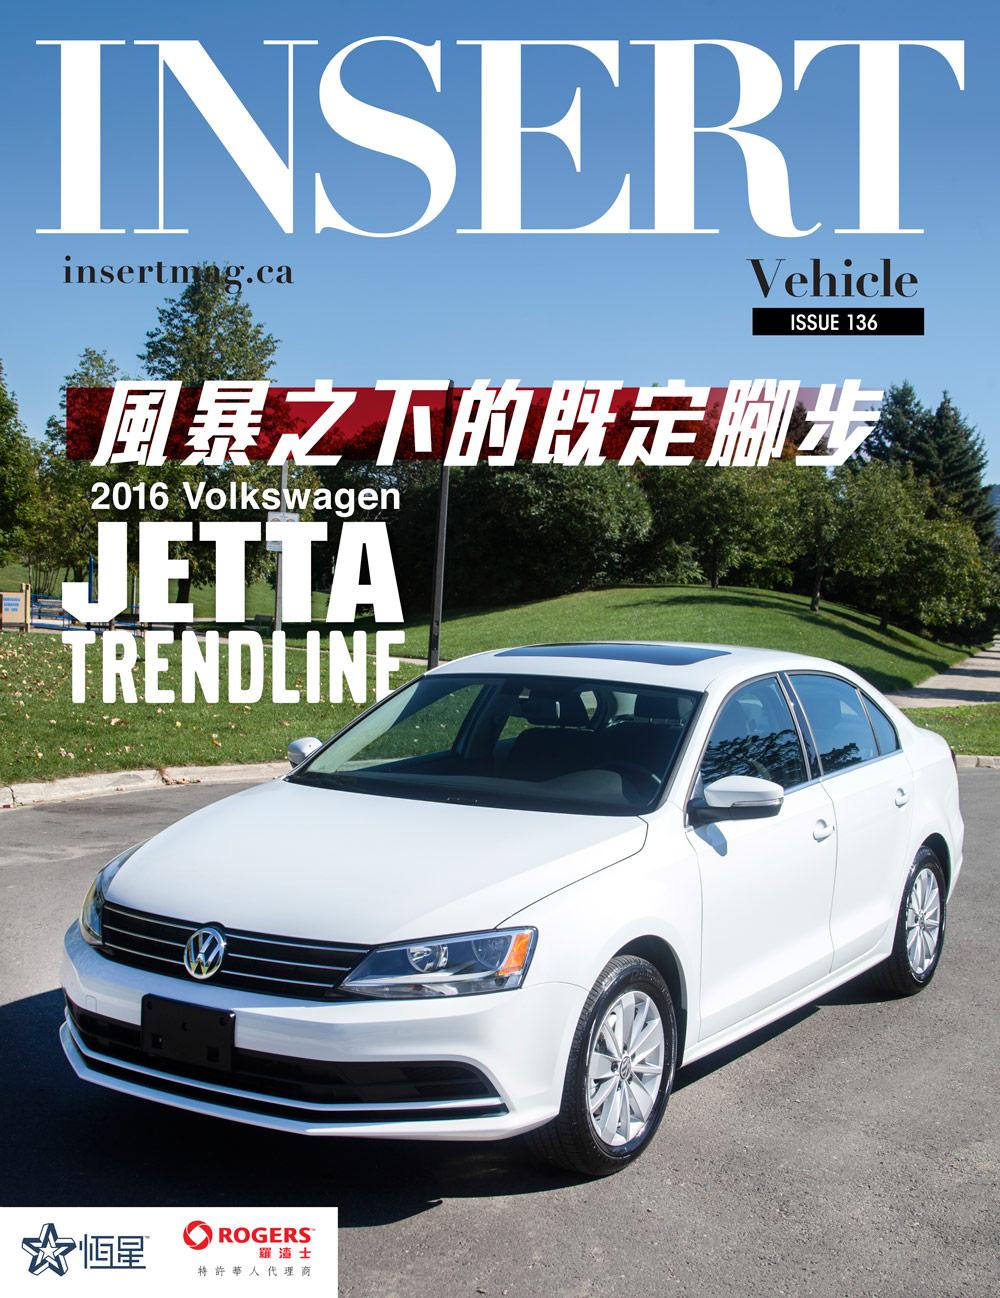 風暴之下的既定腳步——2016 Volkswagen Jetta Trendline!